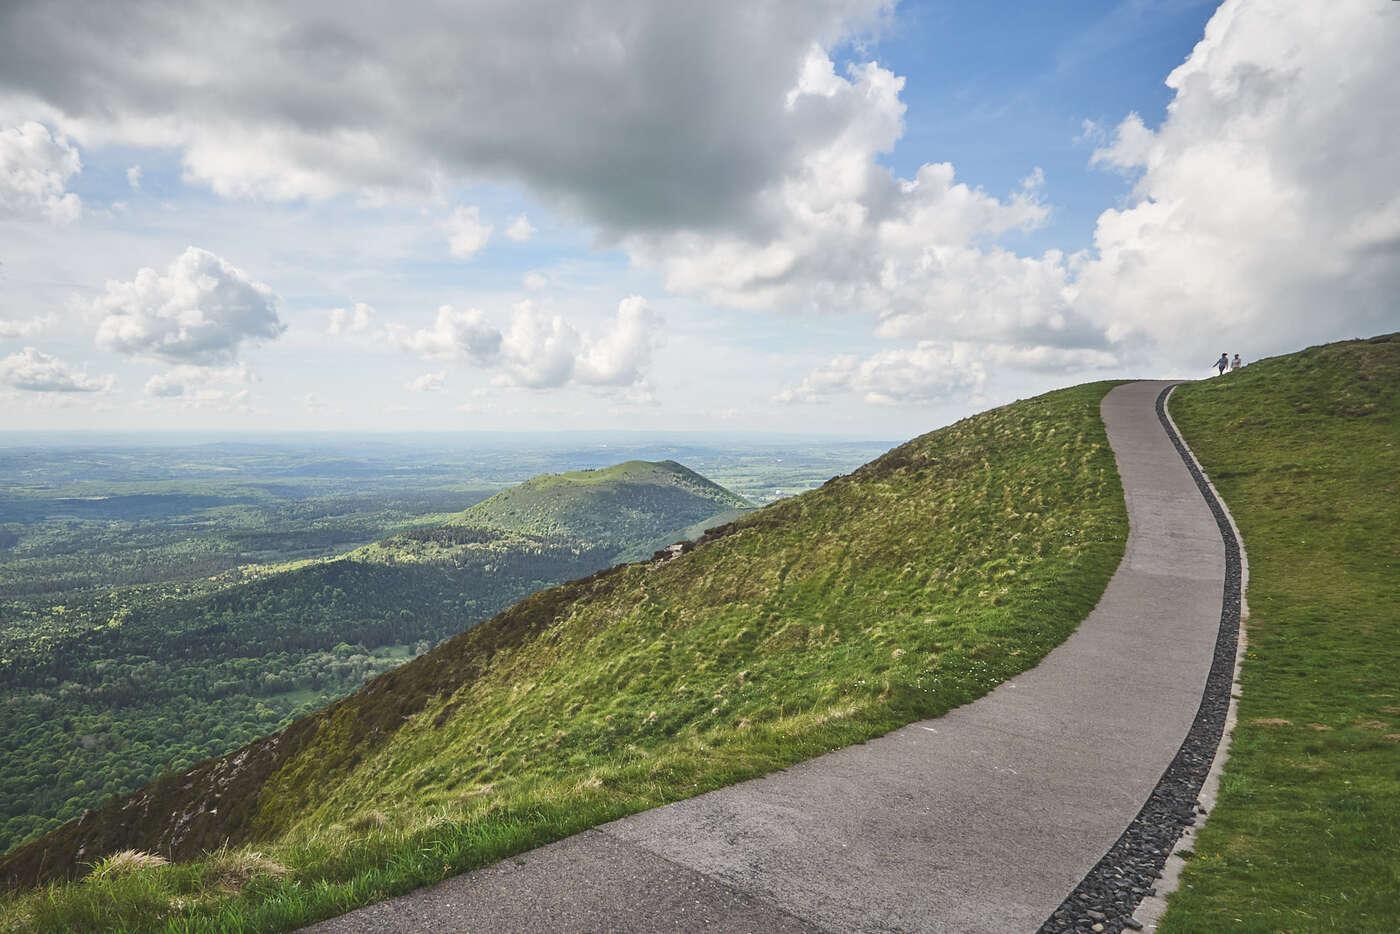 Chemin du Puy de Dôme